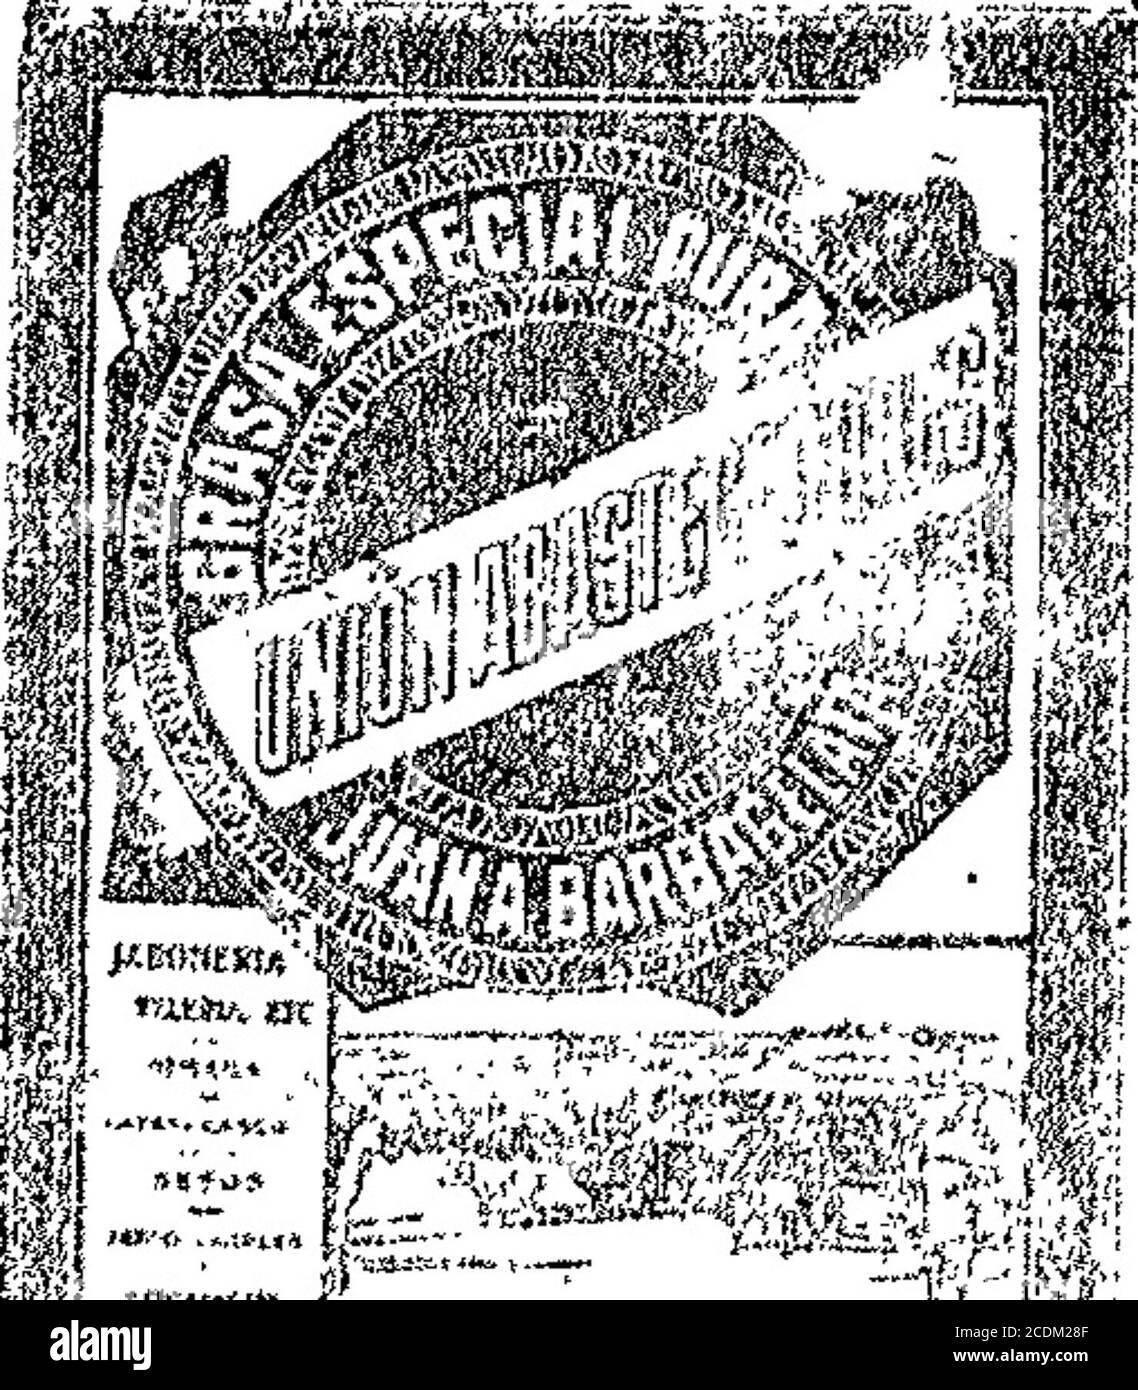 . Boletín Oficial de la República Argentinien. 1910 1ra sección . Septiembre 28 tle ¡1910. – Hirsoliherg ,y C:.*o. tíri/h-ia, – Artículos fie las clasesu 79. - V-5 Oktubre. ACTA N 31.015. ACTA JNr. 31.019 1.Ü September 28 de 1,910,--David HosfgCo. – Artículos de fftsjdasíjs S ó i. ? v-5 ocf;.<dh. Acta Nr. 31.020 Stockfoto